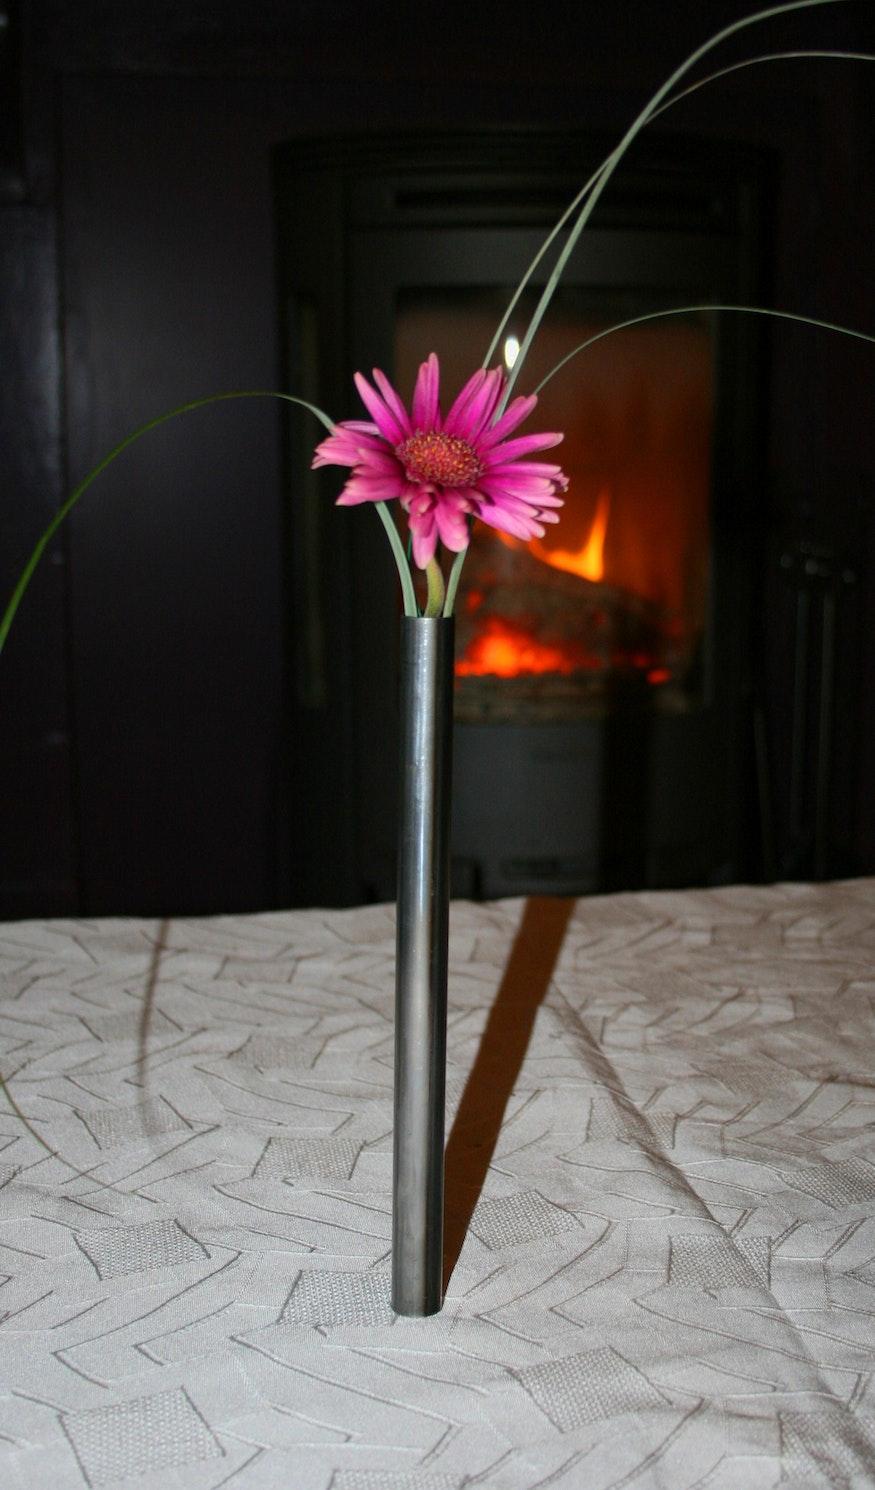 Le vase semble tenir tout seul sur la table.